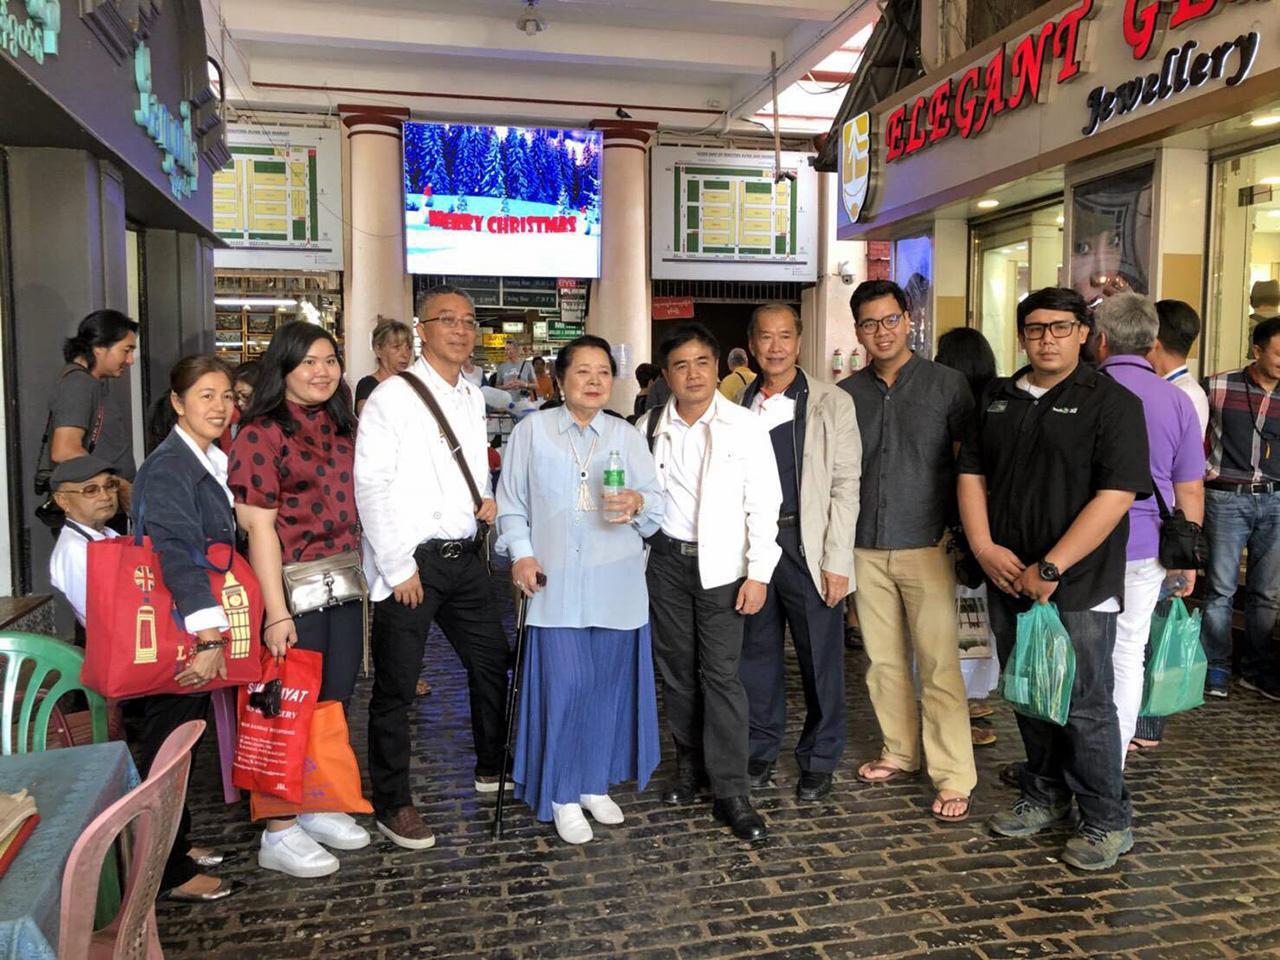 ร่วมงานใหญ่ สุภชัย วีระภุชงค์ เลขาธิการสถาบันโพธิคยาวิชชาลัย 980 และ คุณหญิงพันธุ์เครือ ยงใจยุทธ นำสื่อมวลชนไทยไปร่วมสวดมนต์ข้ามปีครั้งประวัติศาสตร์ ที่มหาเจดีย์ชเวดากอง นครย่างกุ้ง เมียนมา.